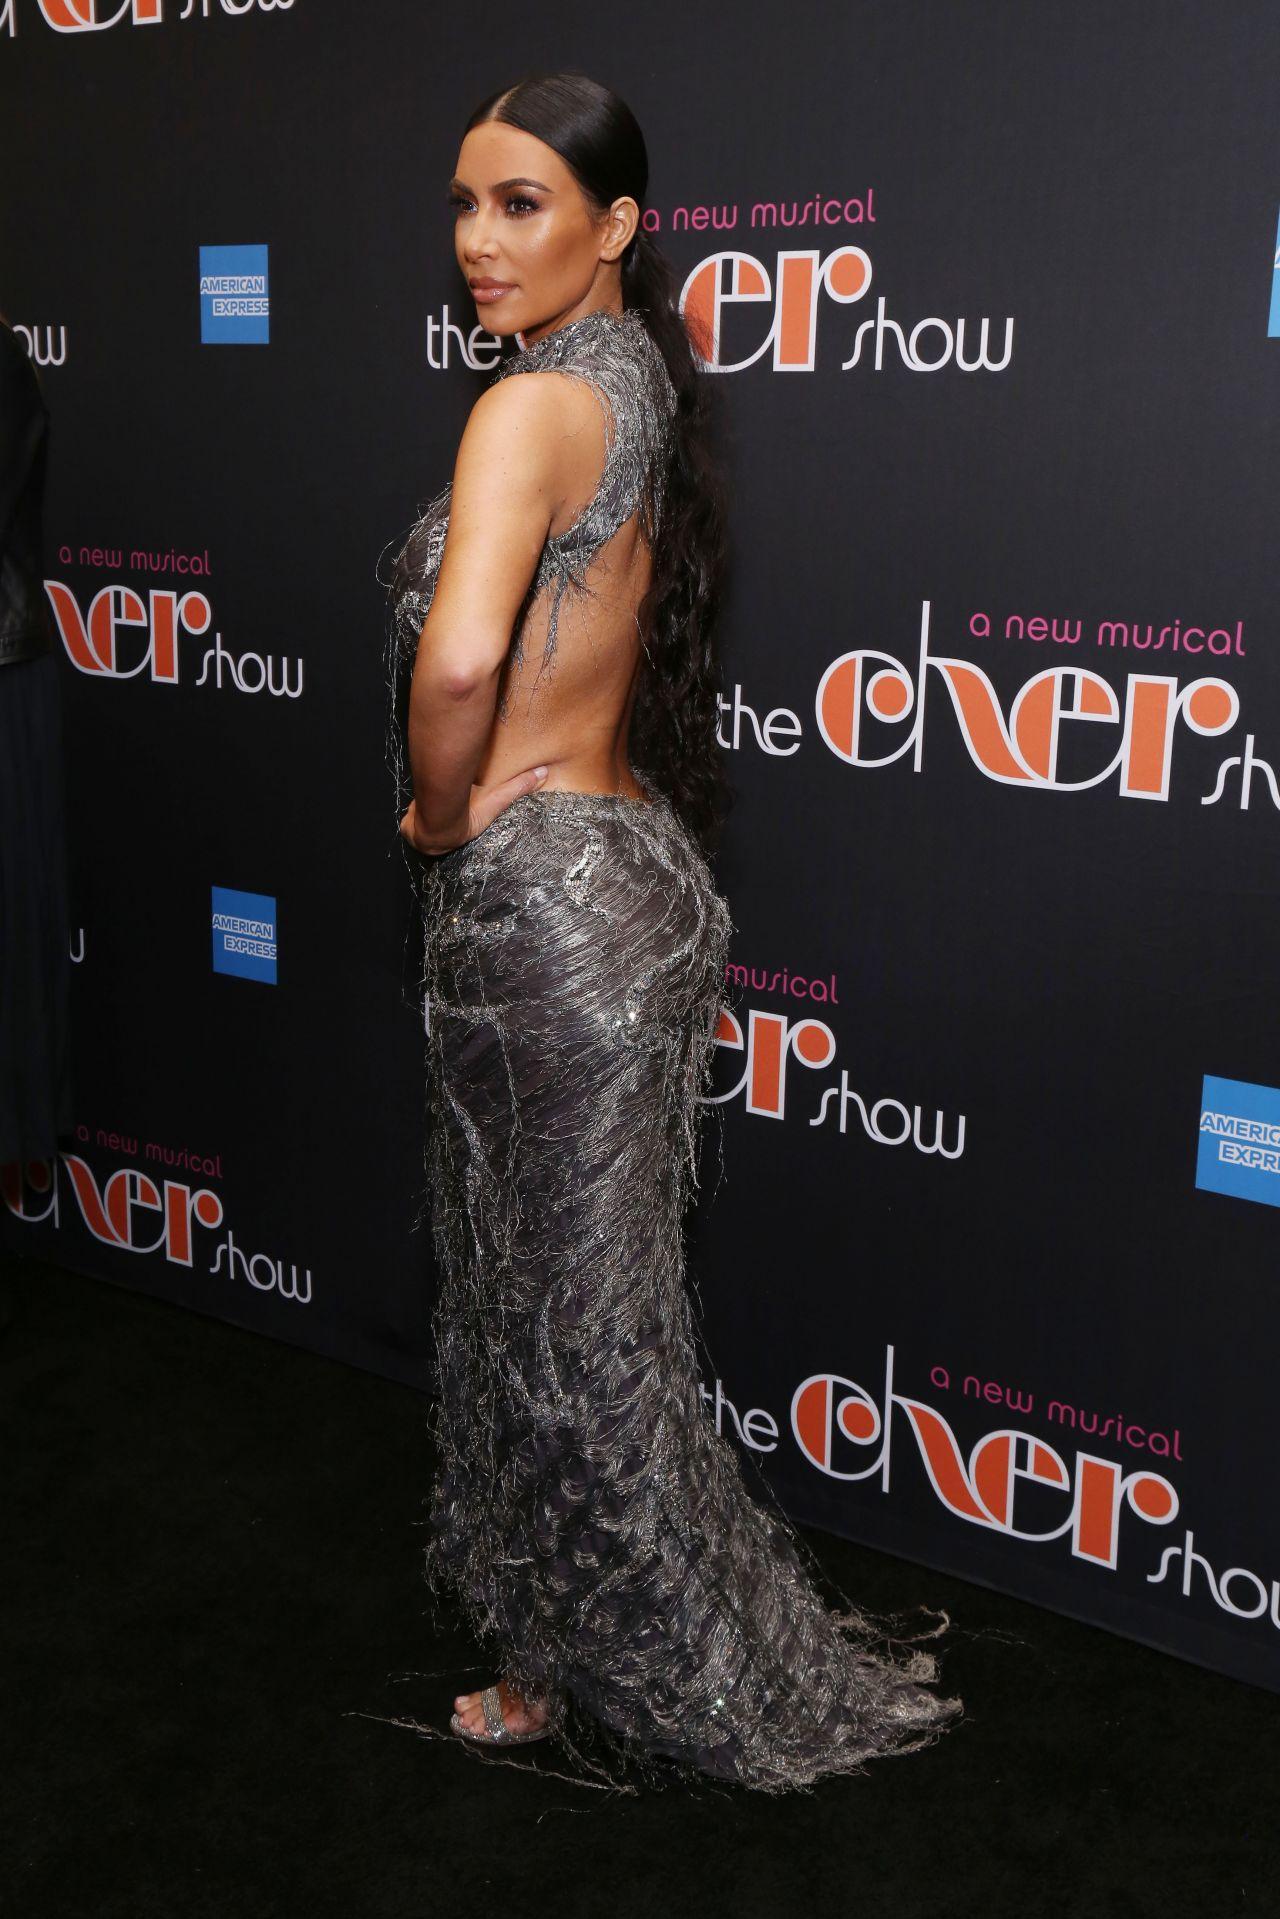 Kim Kardashian Cher Show Opening Night In Ny